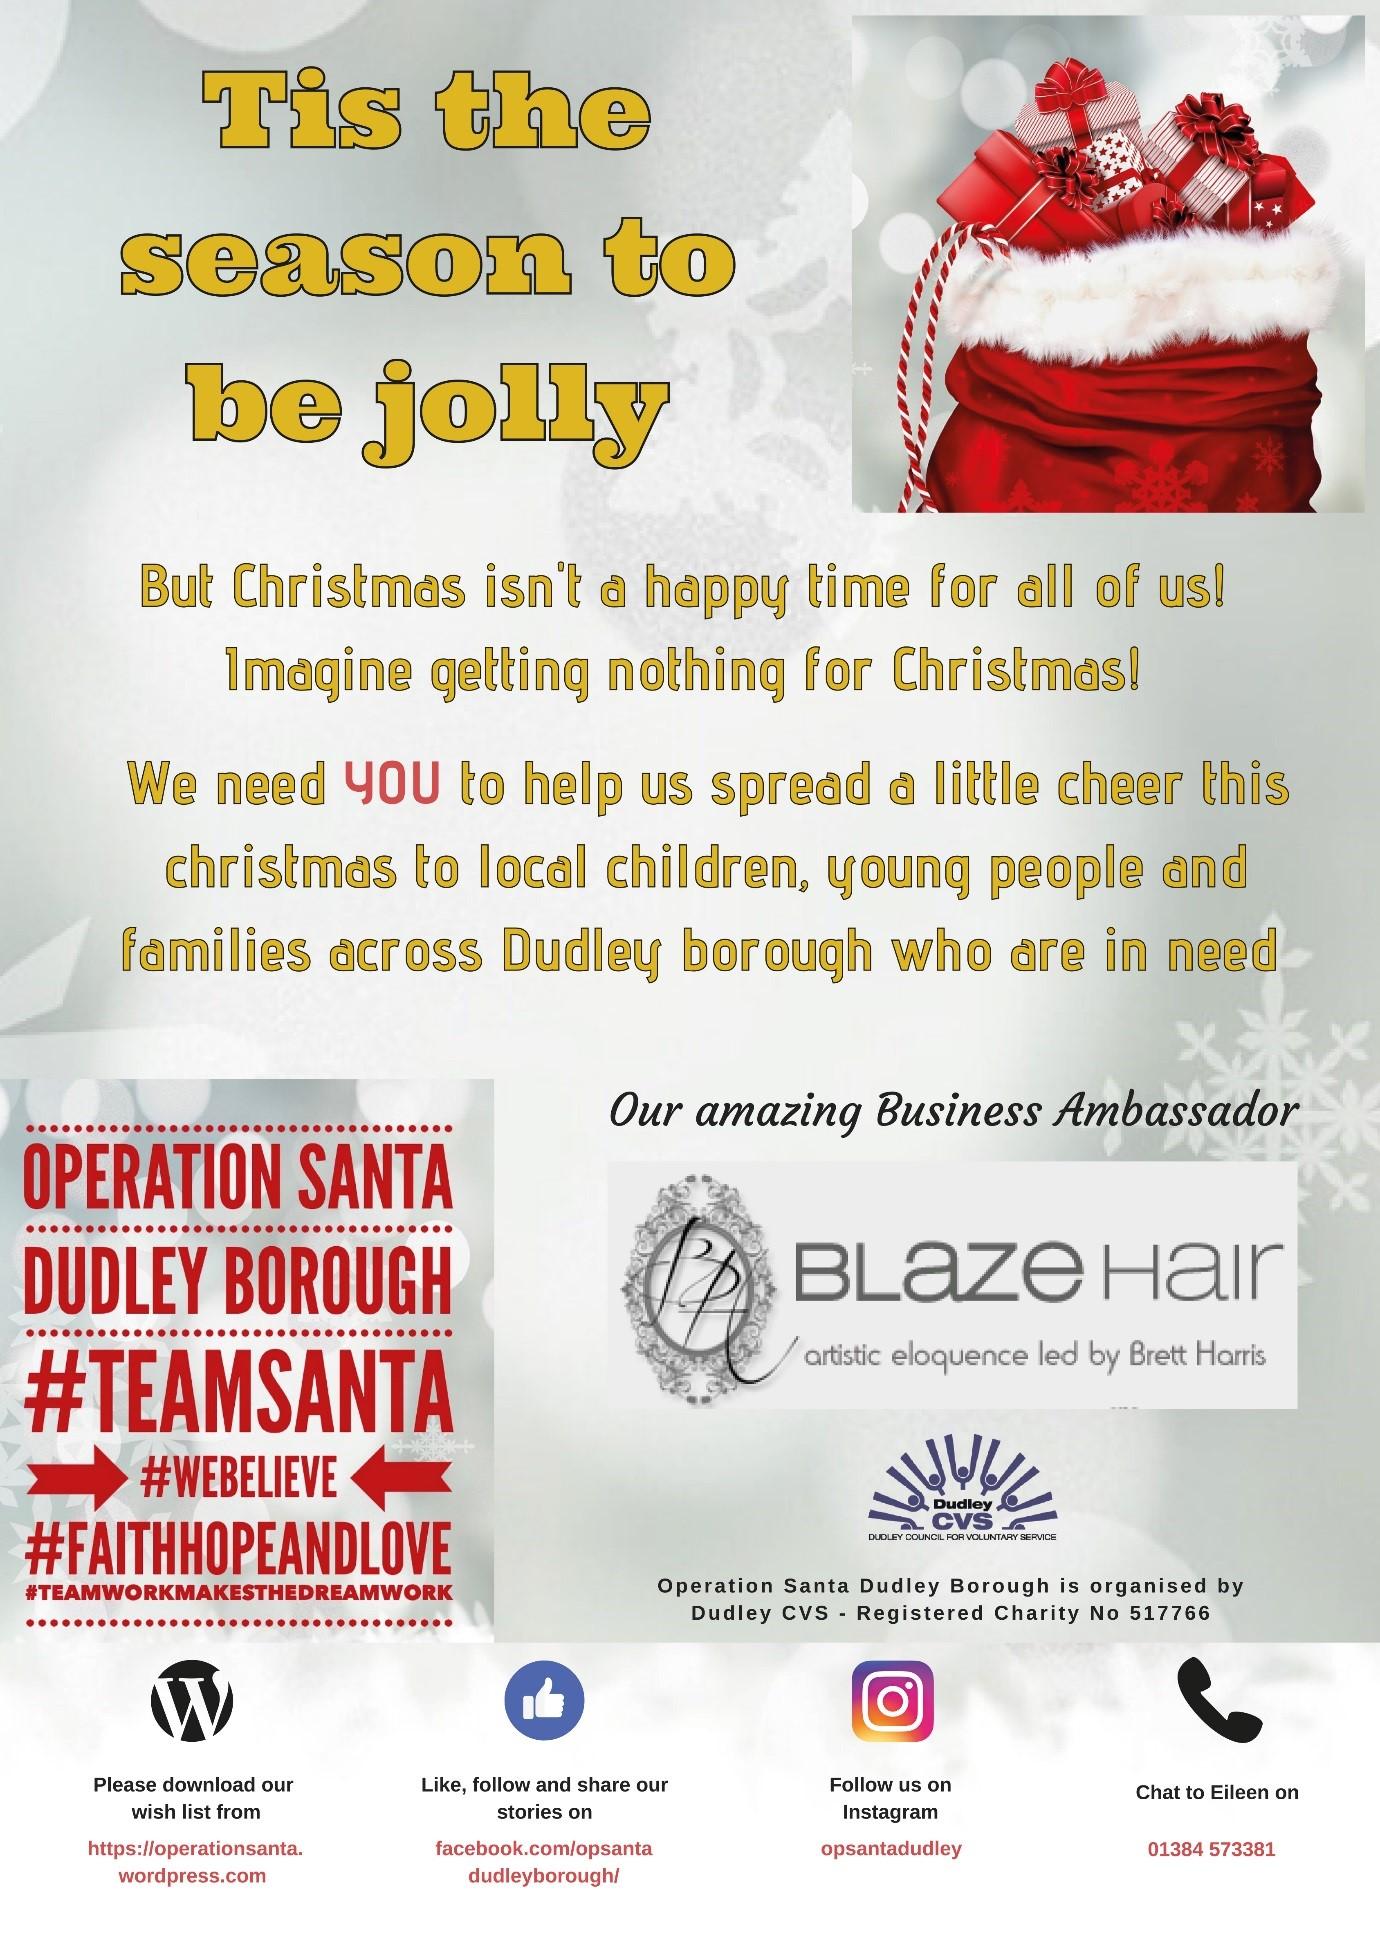 Operation Santa 2018 is go go go! #charitytuesday – Dudley CVS blog